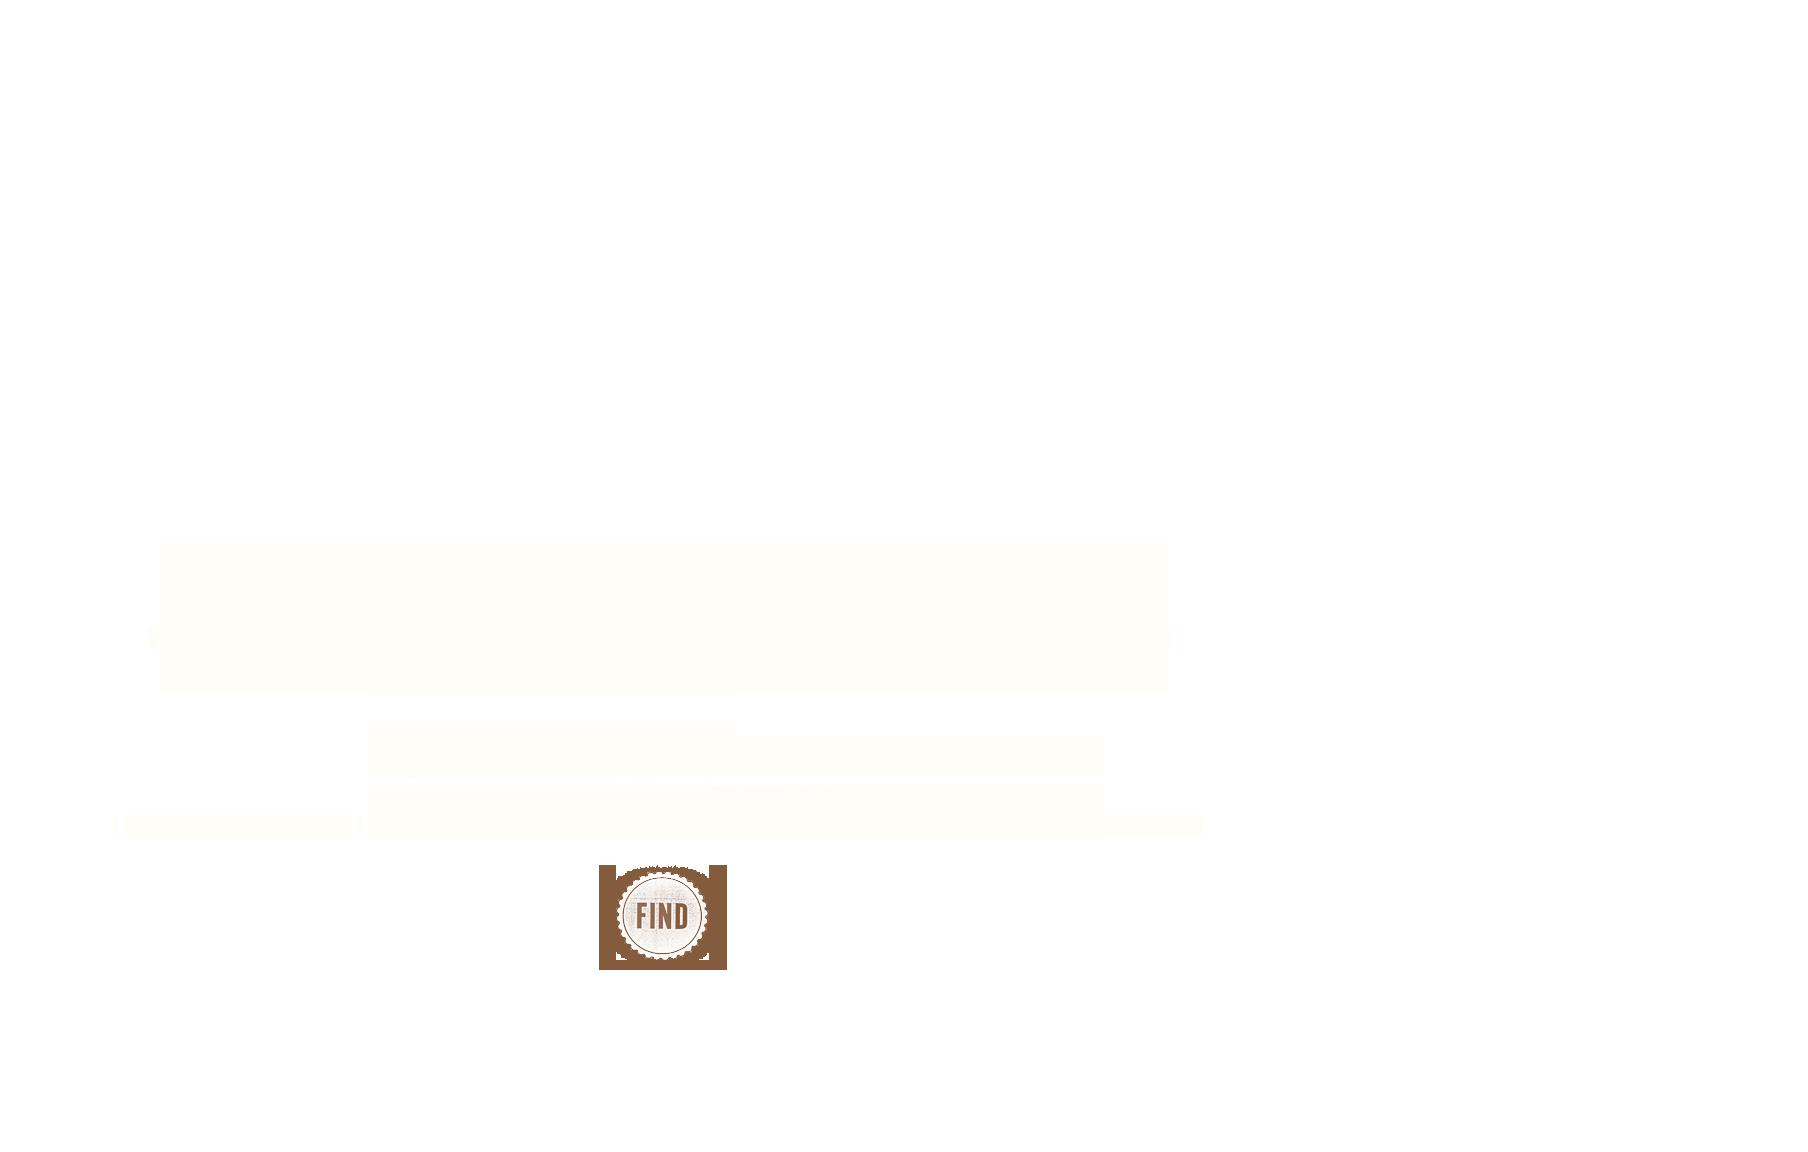 2h75rbmgqluskxiklblo fm966